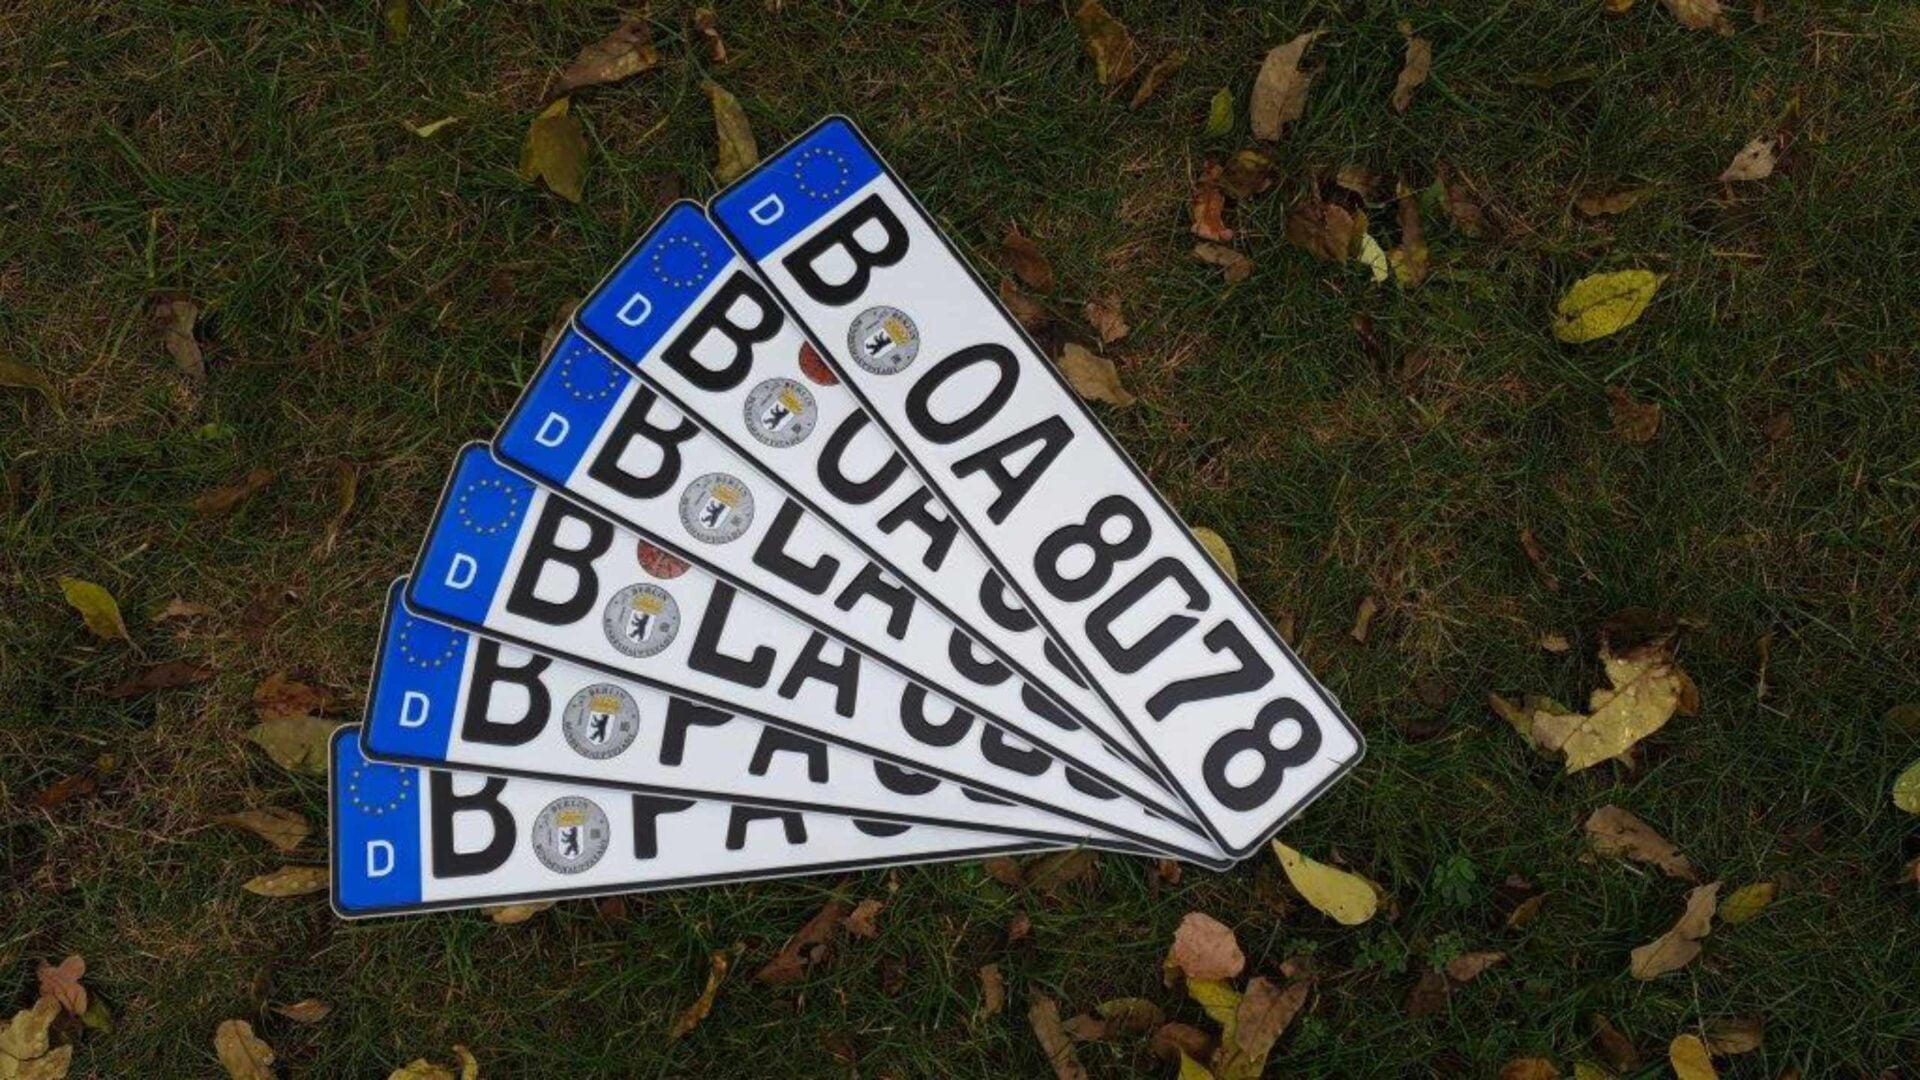 Frisch zugelassene Kfz Nummernschilder